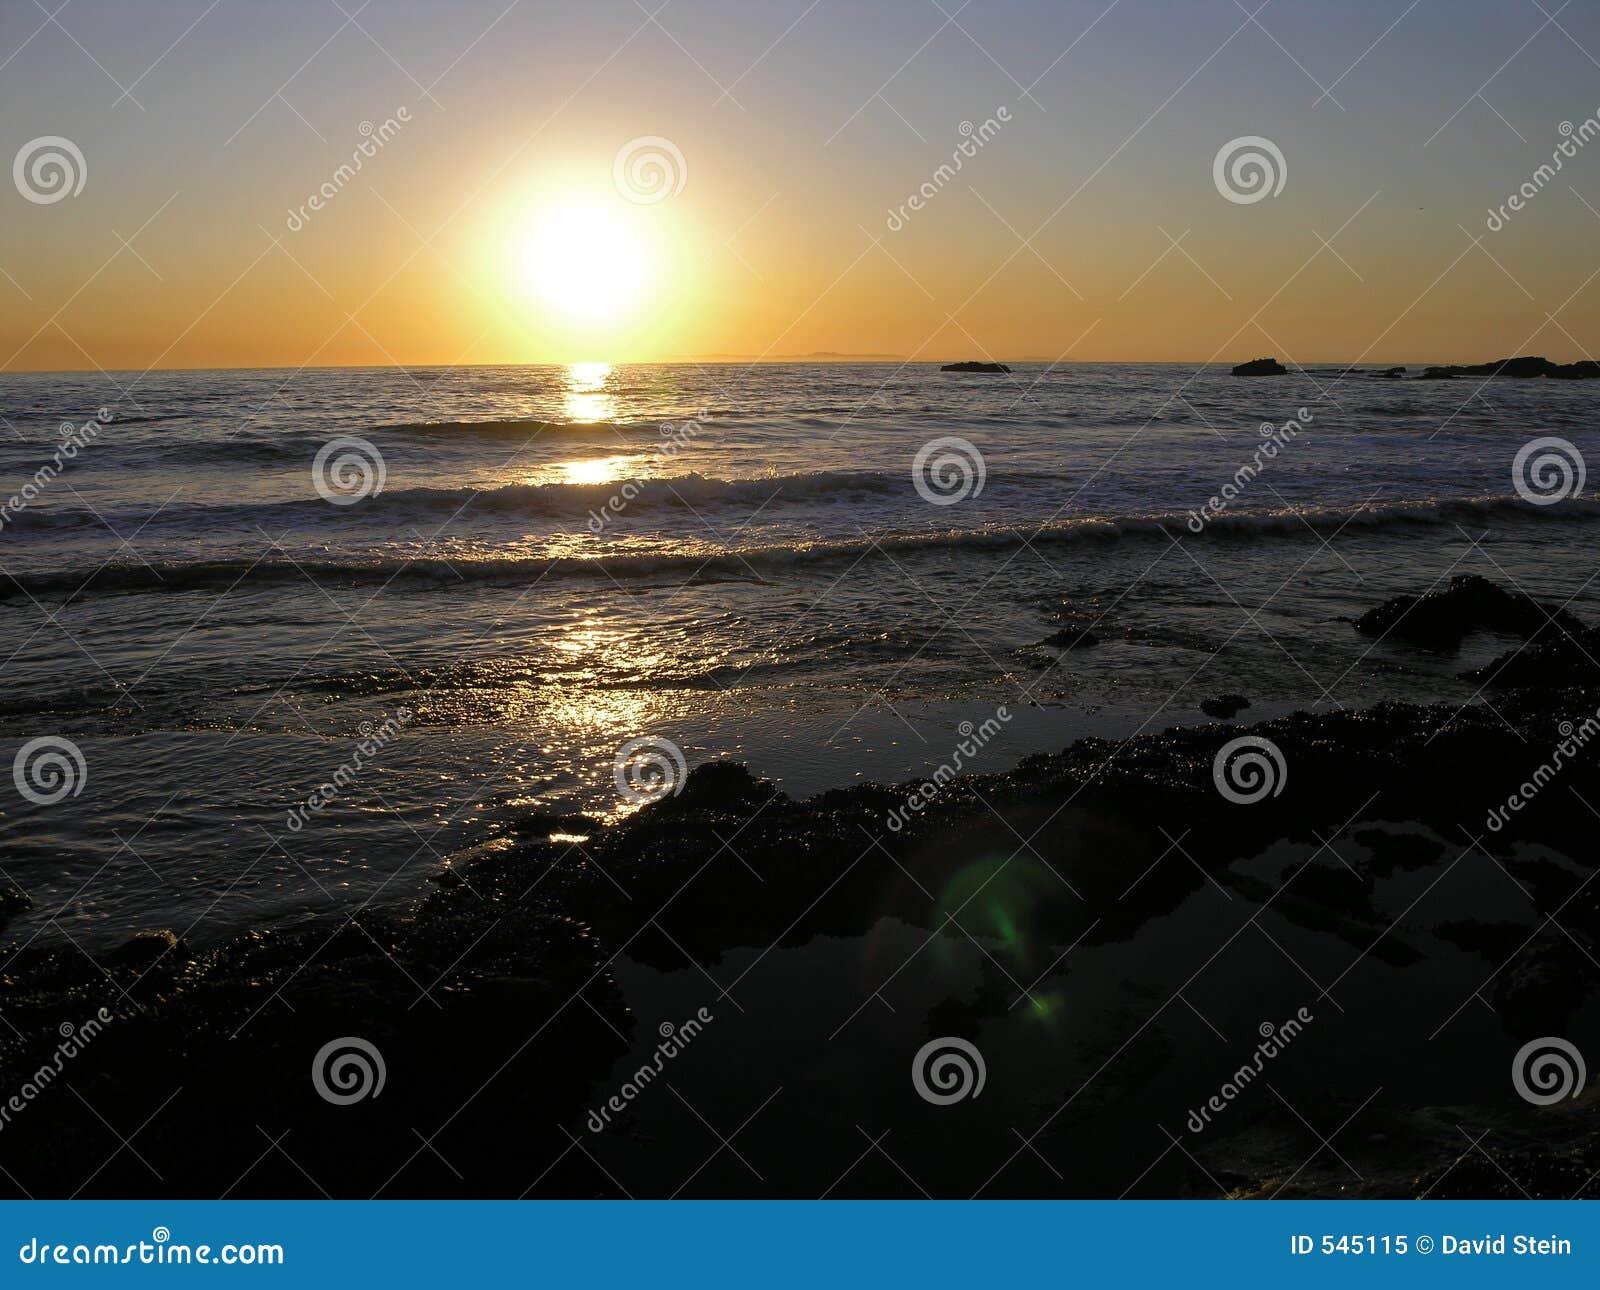 Download 海滩拉古纳日落 库存图片. 图片 包括有 海岸线, 南部, 沙子, 浪潮, 海洋, 通知, 日落, 加利福尼亚 - 545115